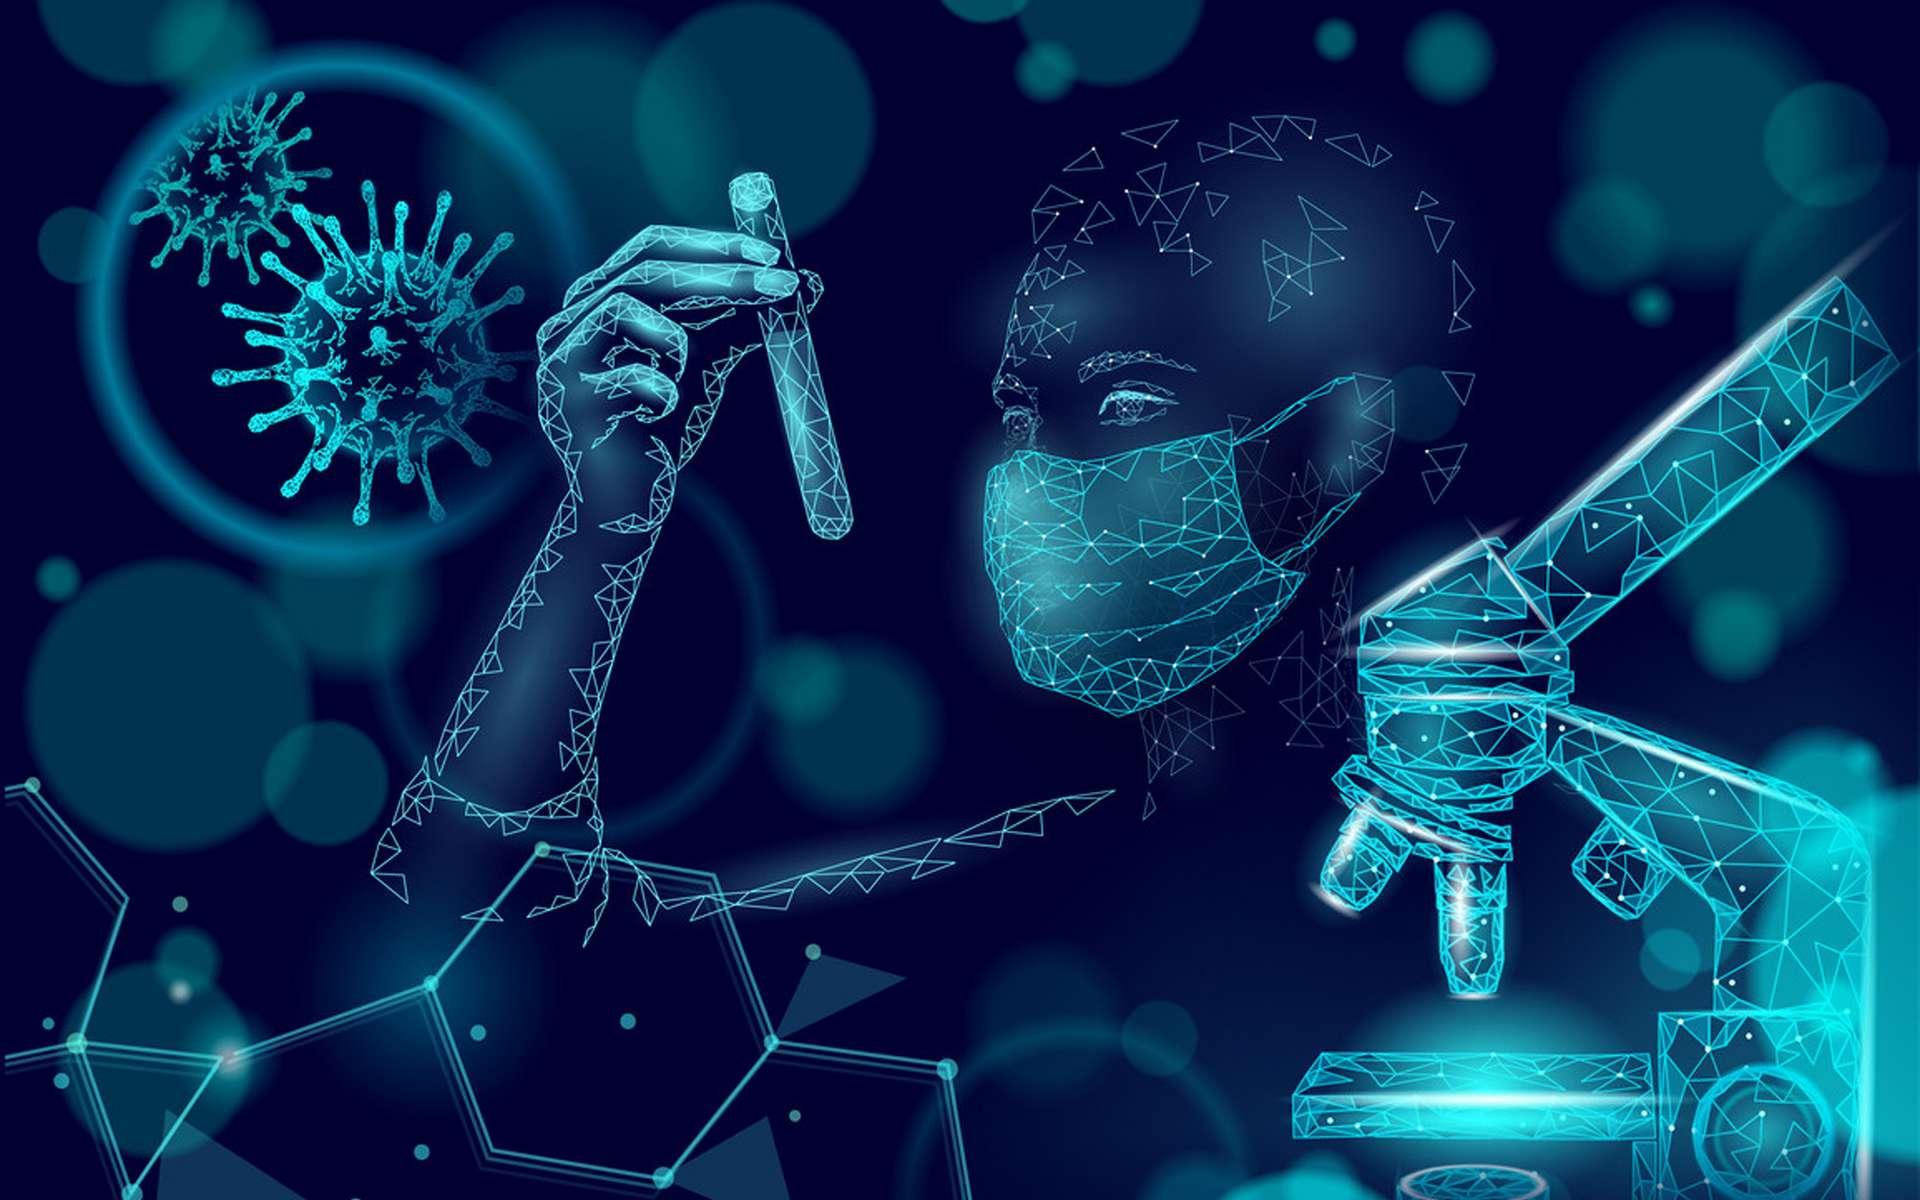 Le système immunitaire des singes ressemble à celui des humains. © A, Adobe Stock